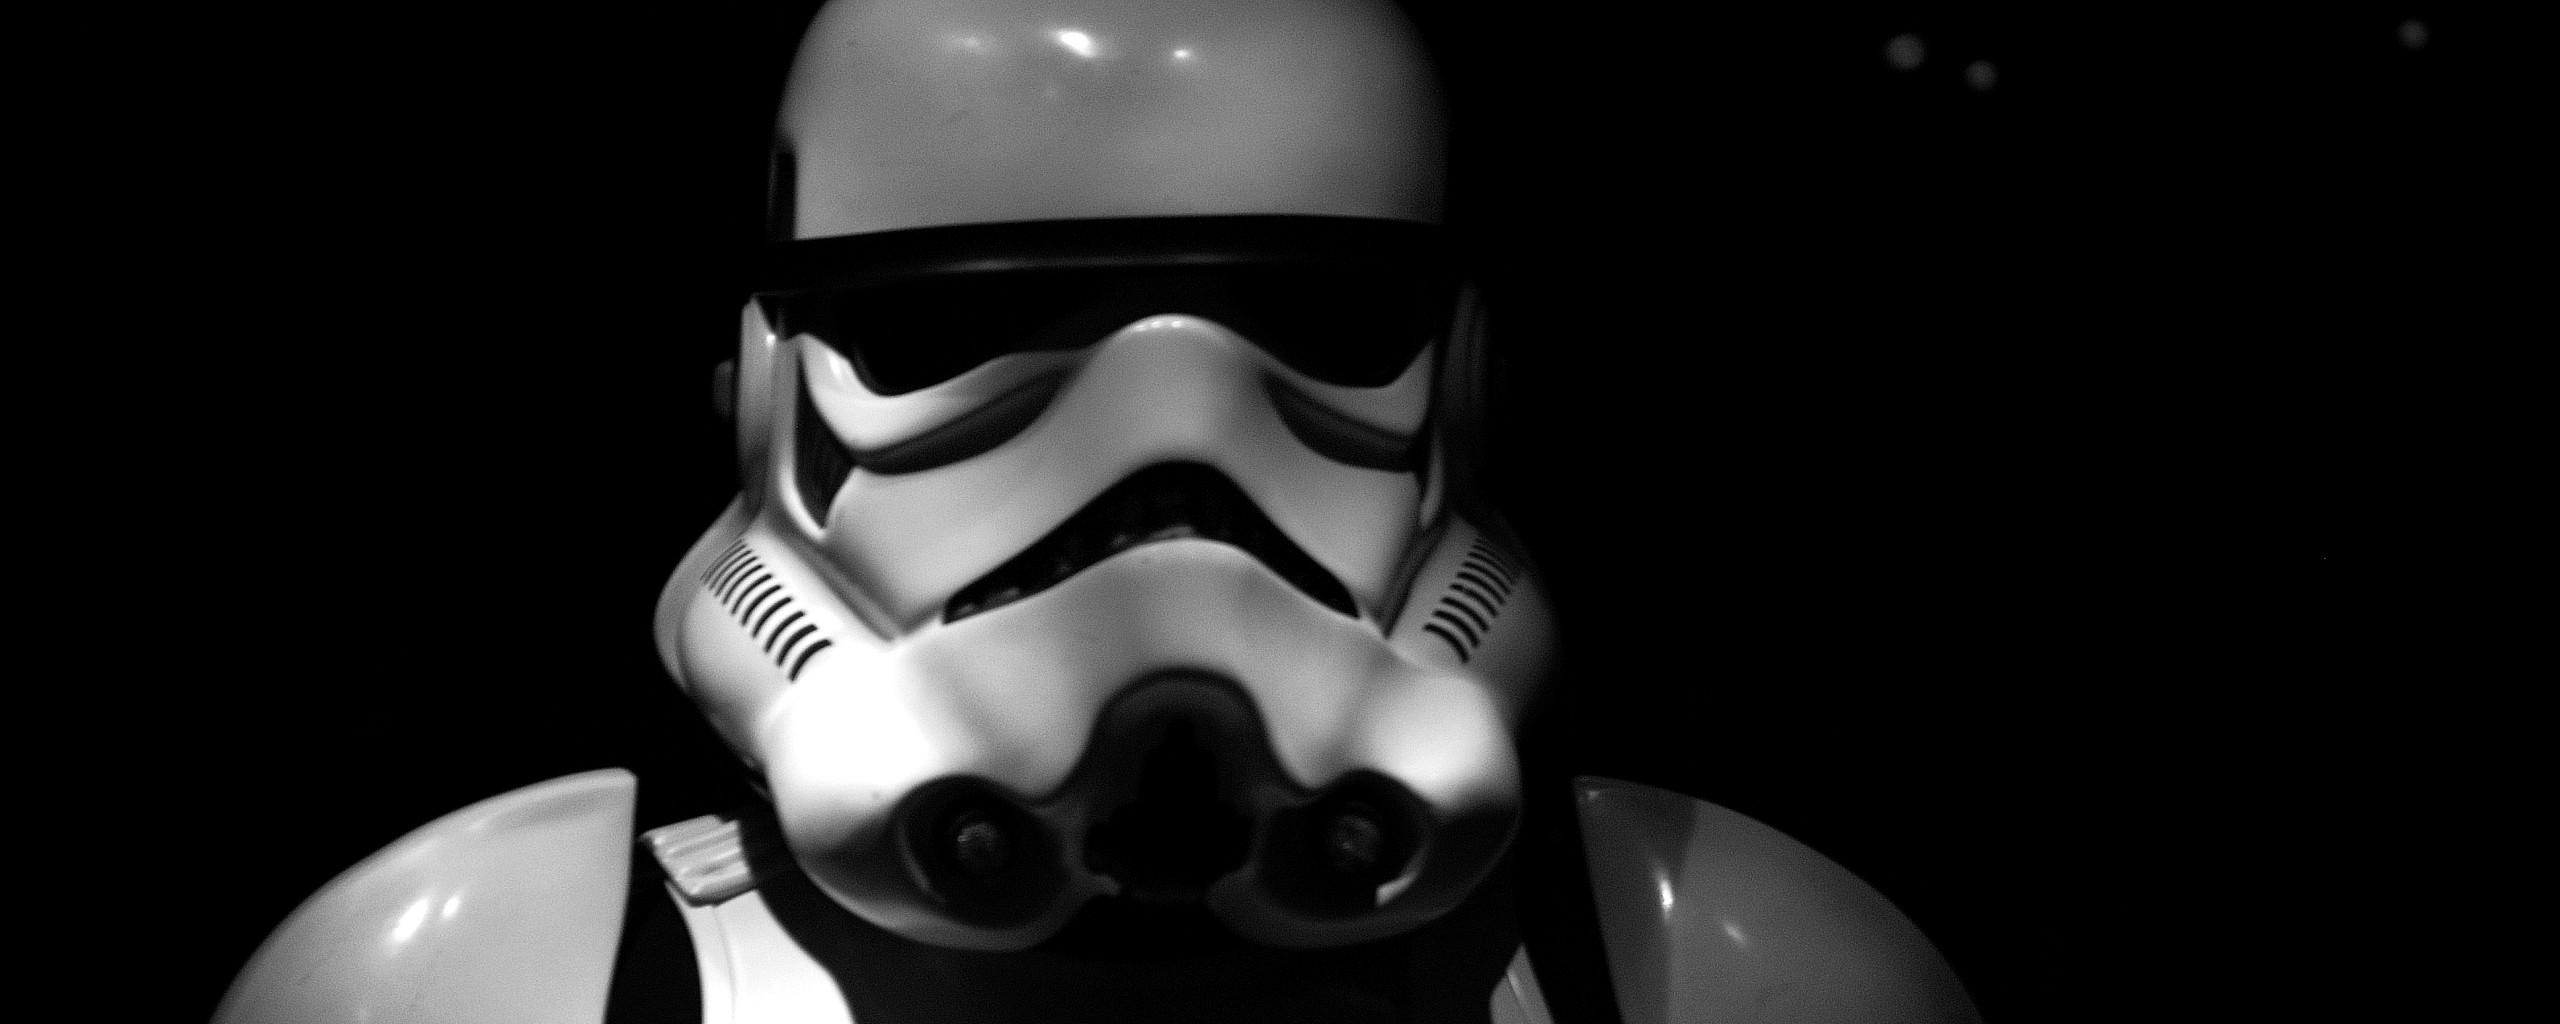 Stormtrooper helmet nude sexy clips